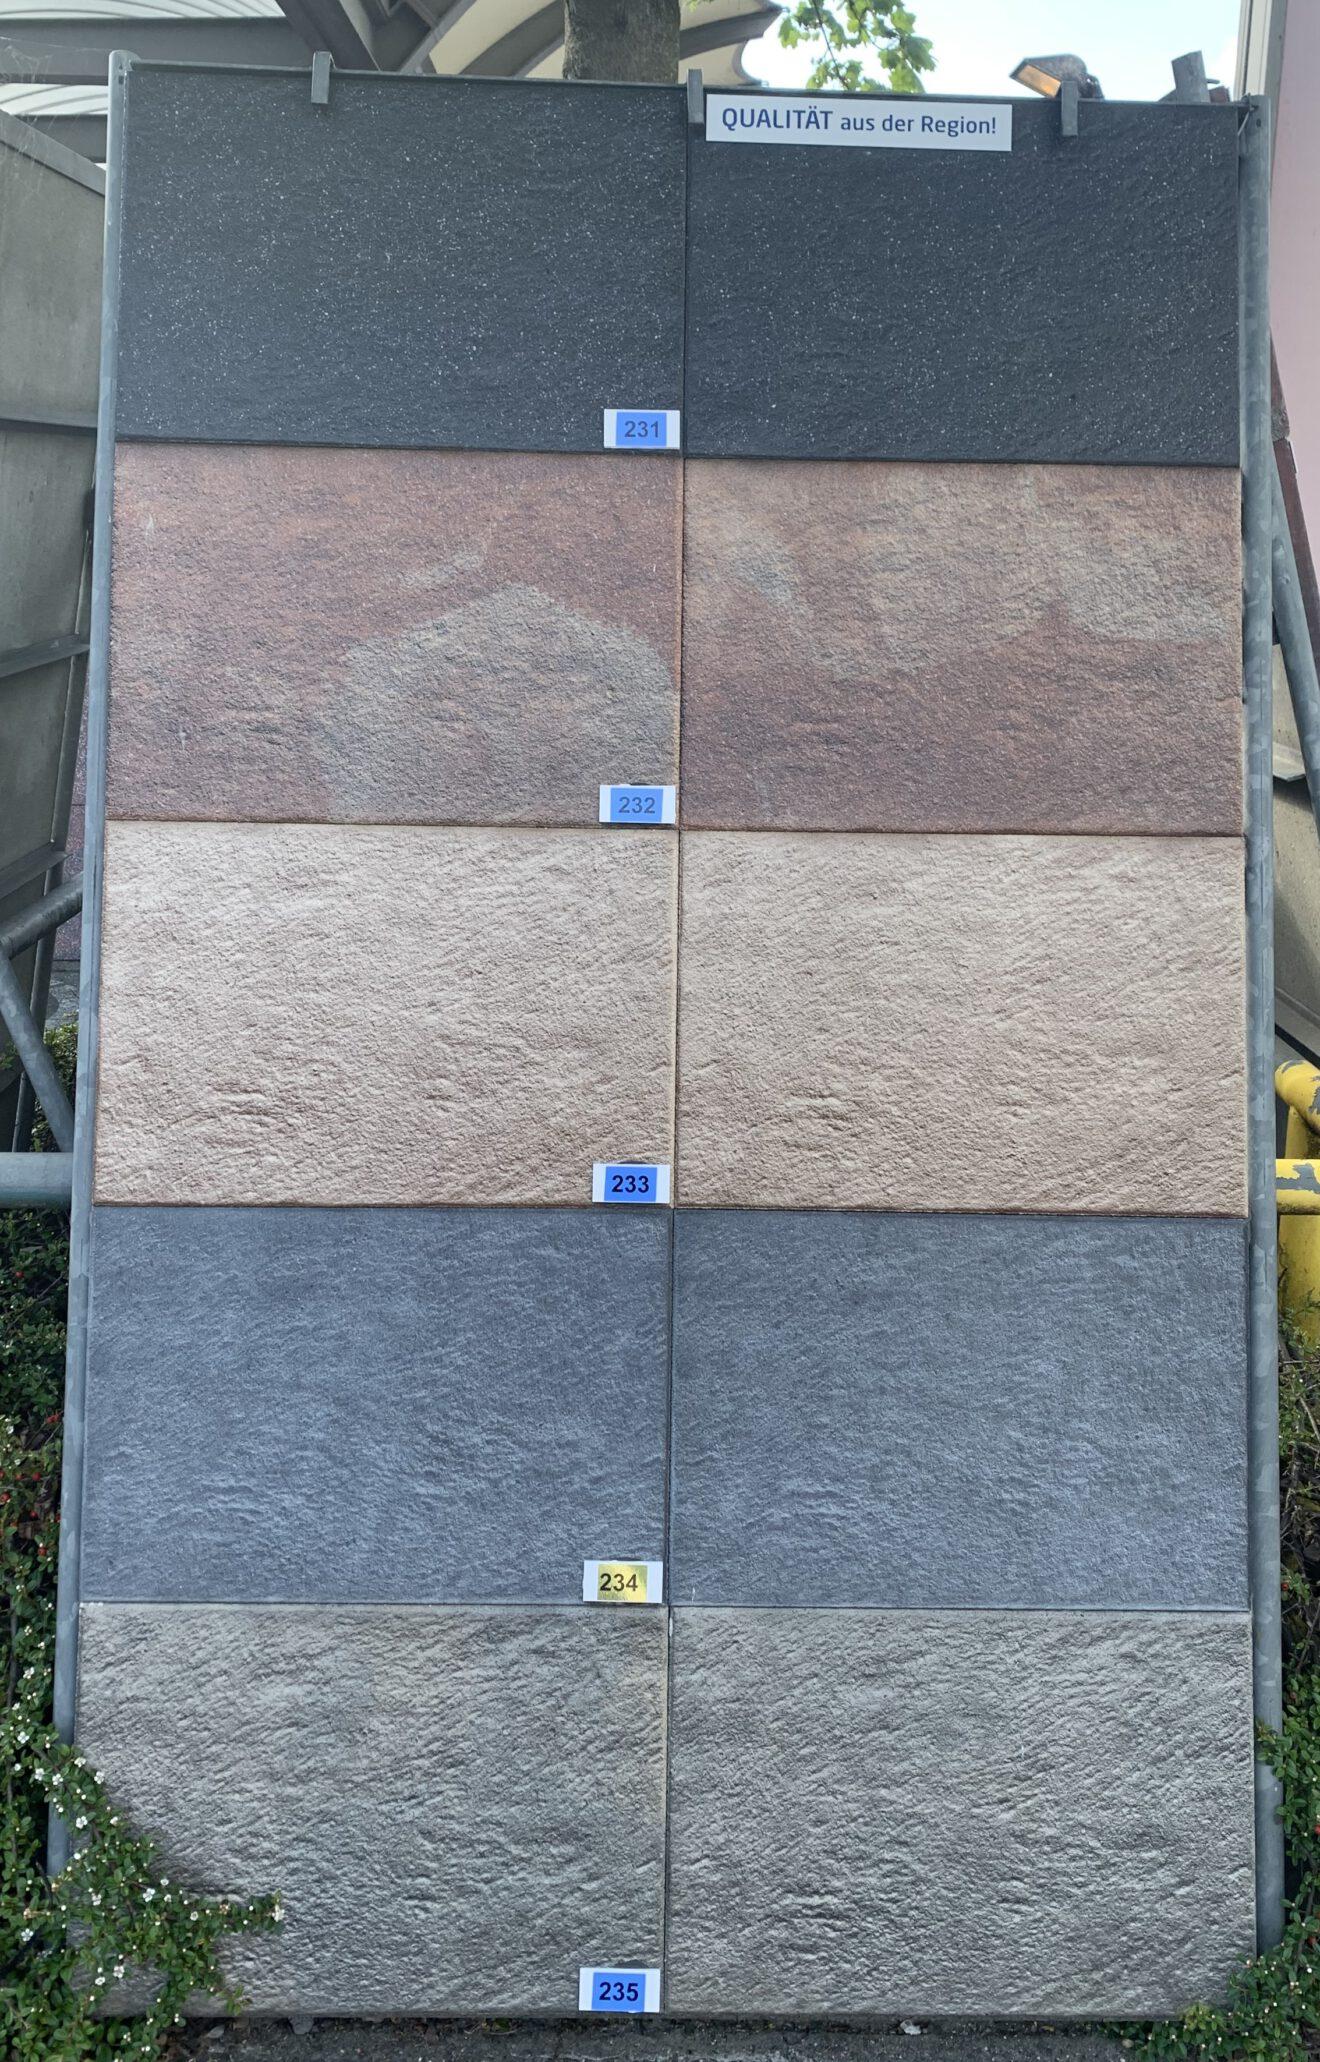 Gartenplatte Navagranit weiß - schwarz von Bartels bei Stolzenbach Baustoffe in Bremen kaufen